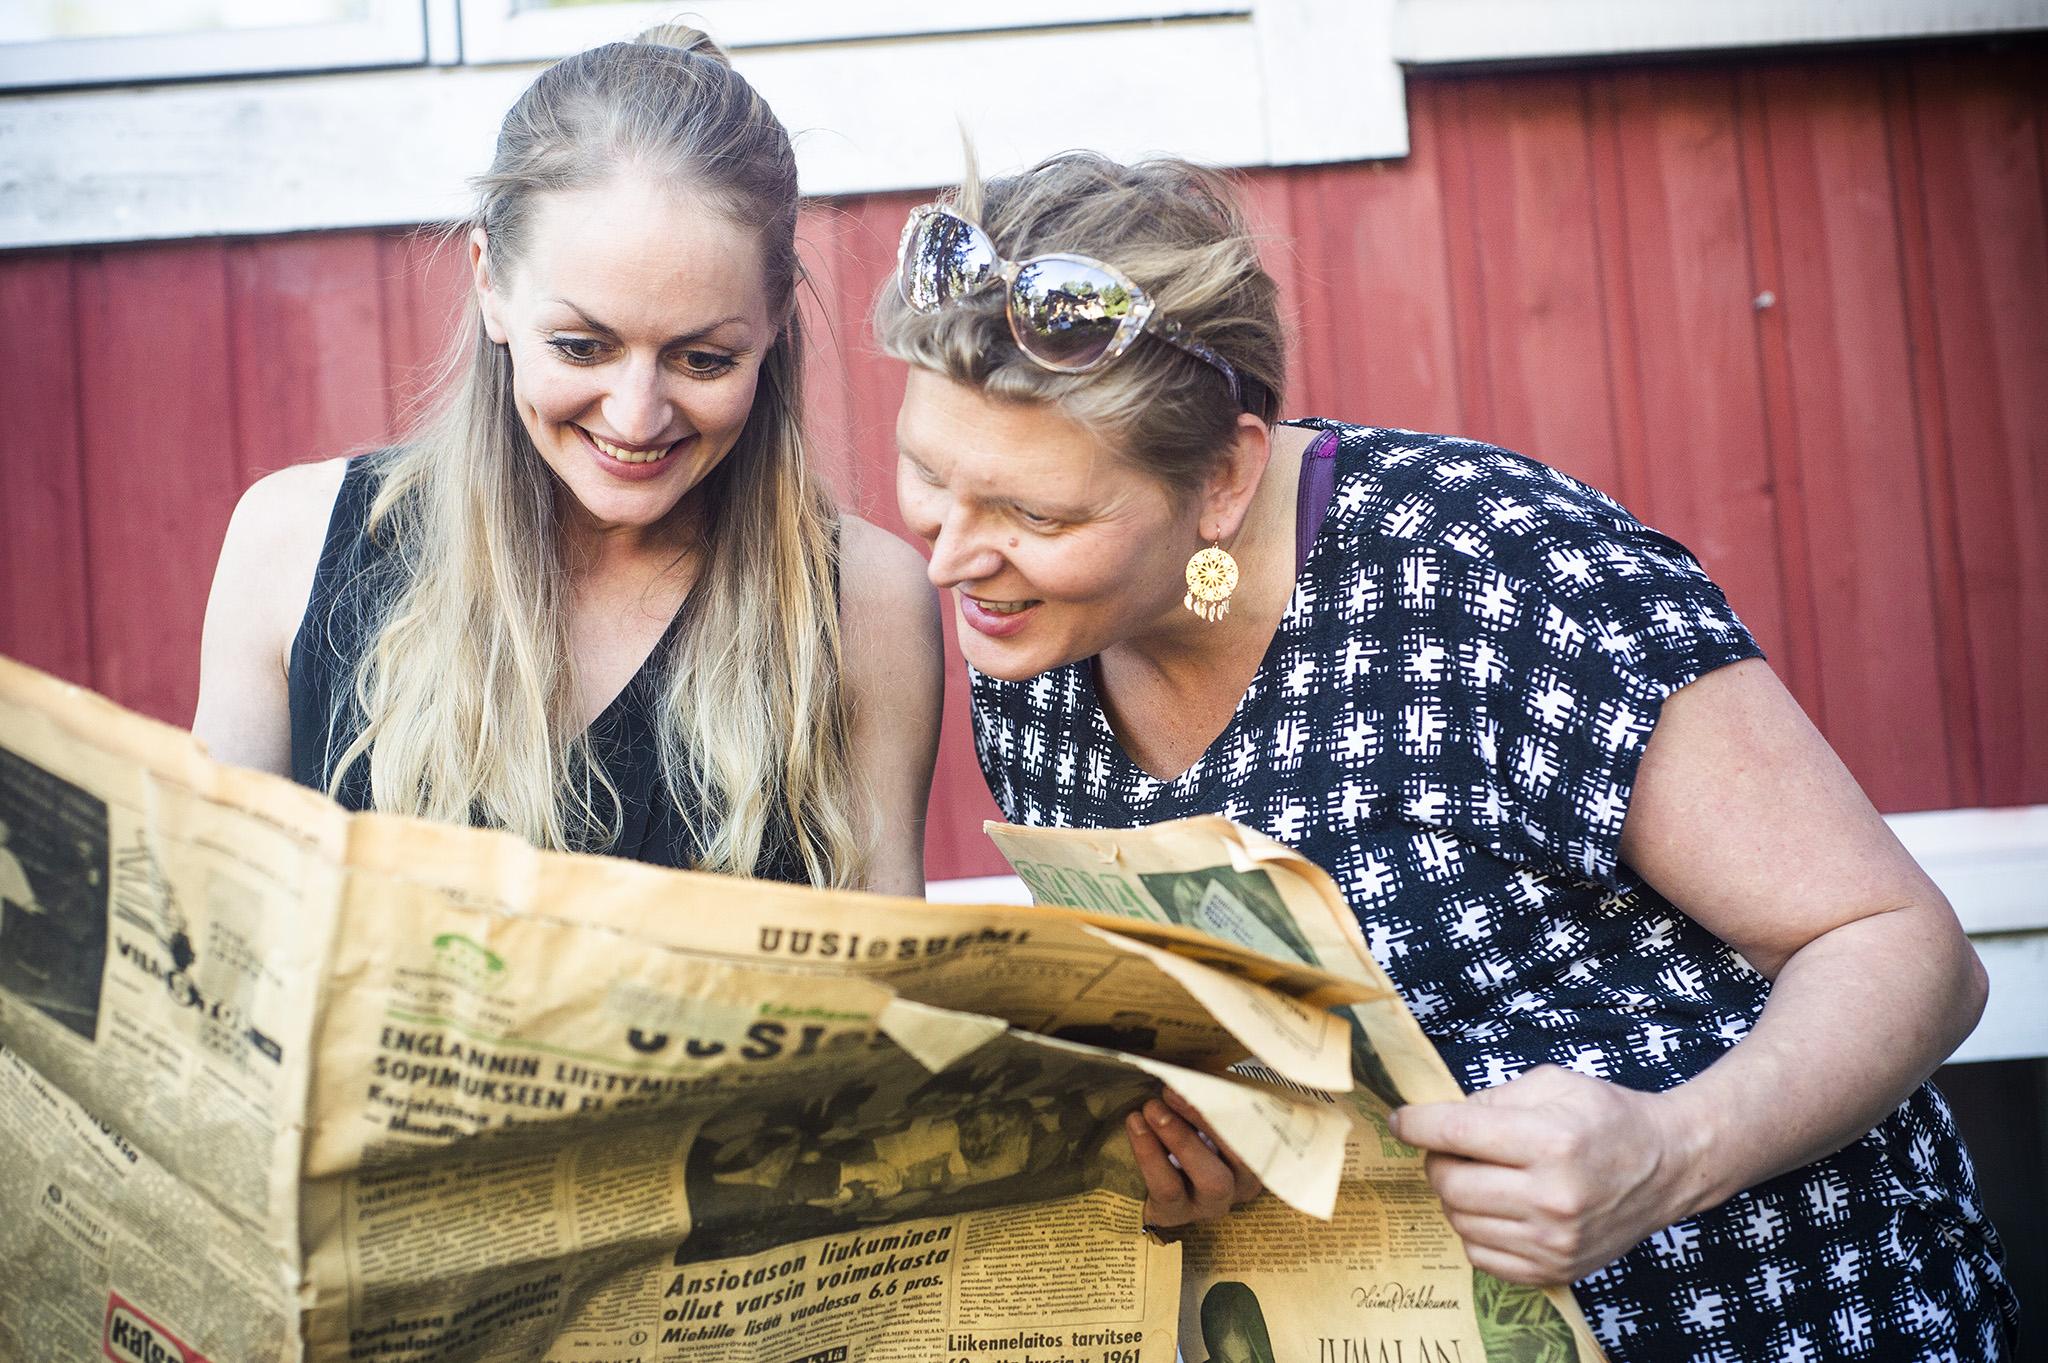 Jenna Lehtisen artikkeli elämästä Furuvikissa